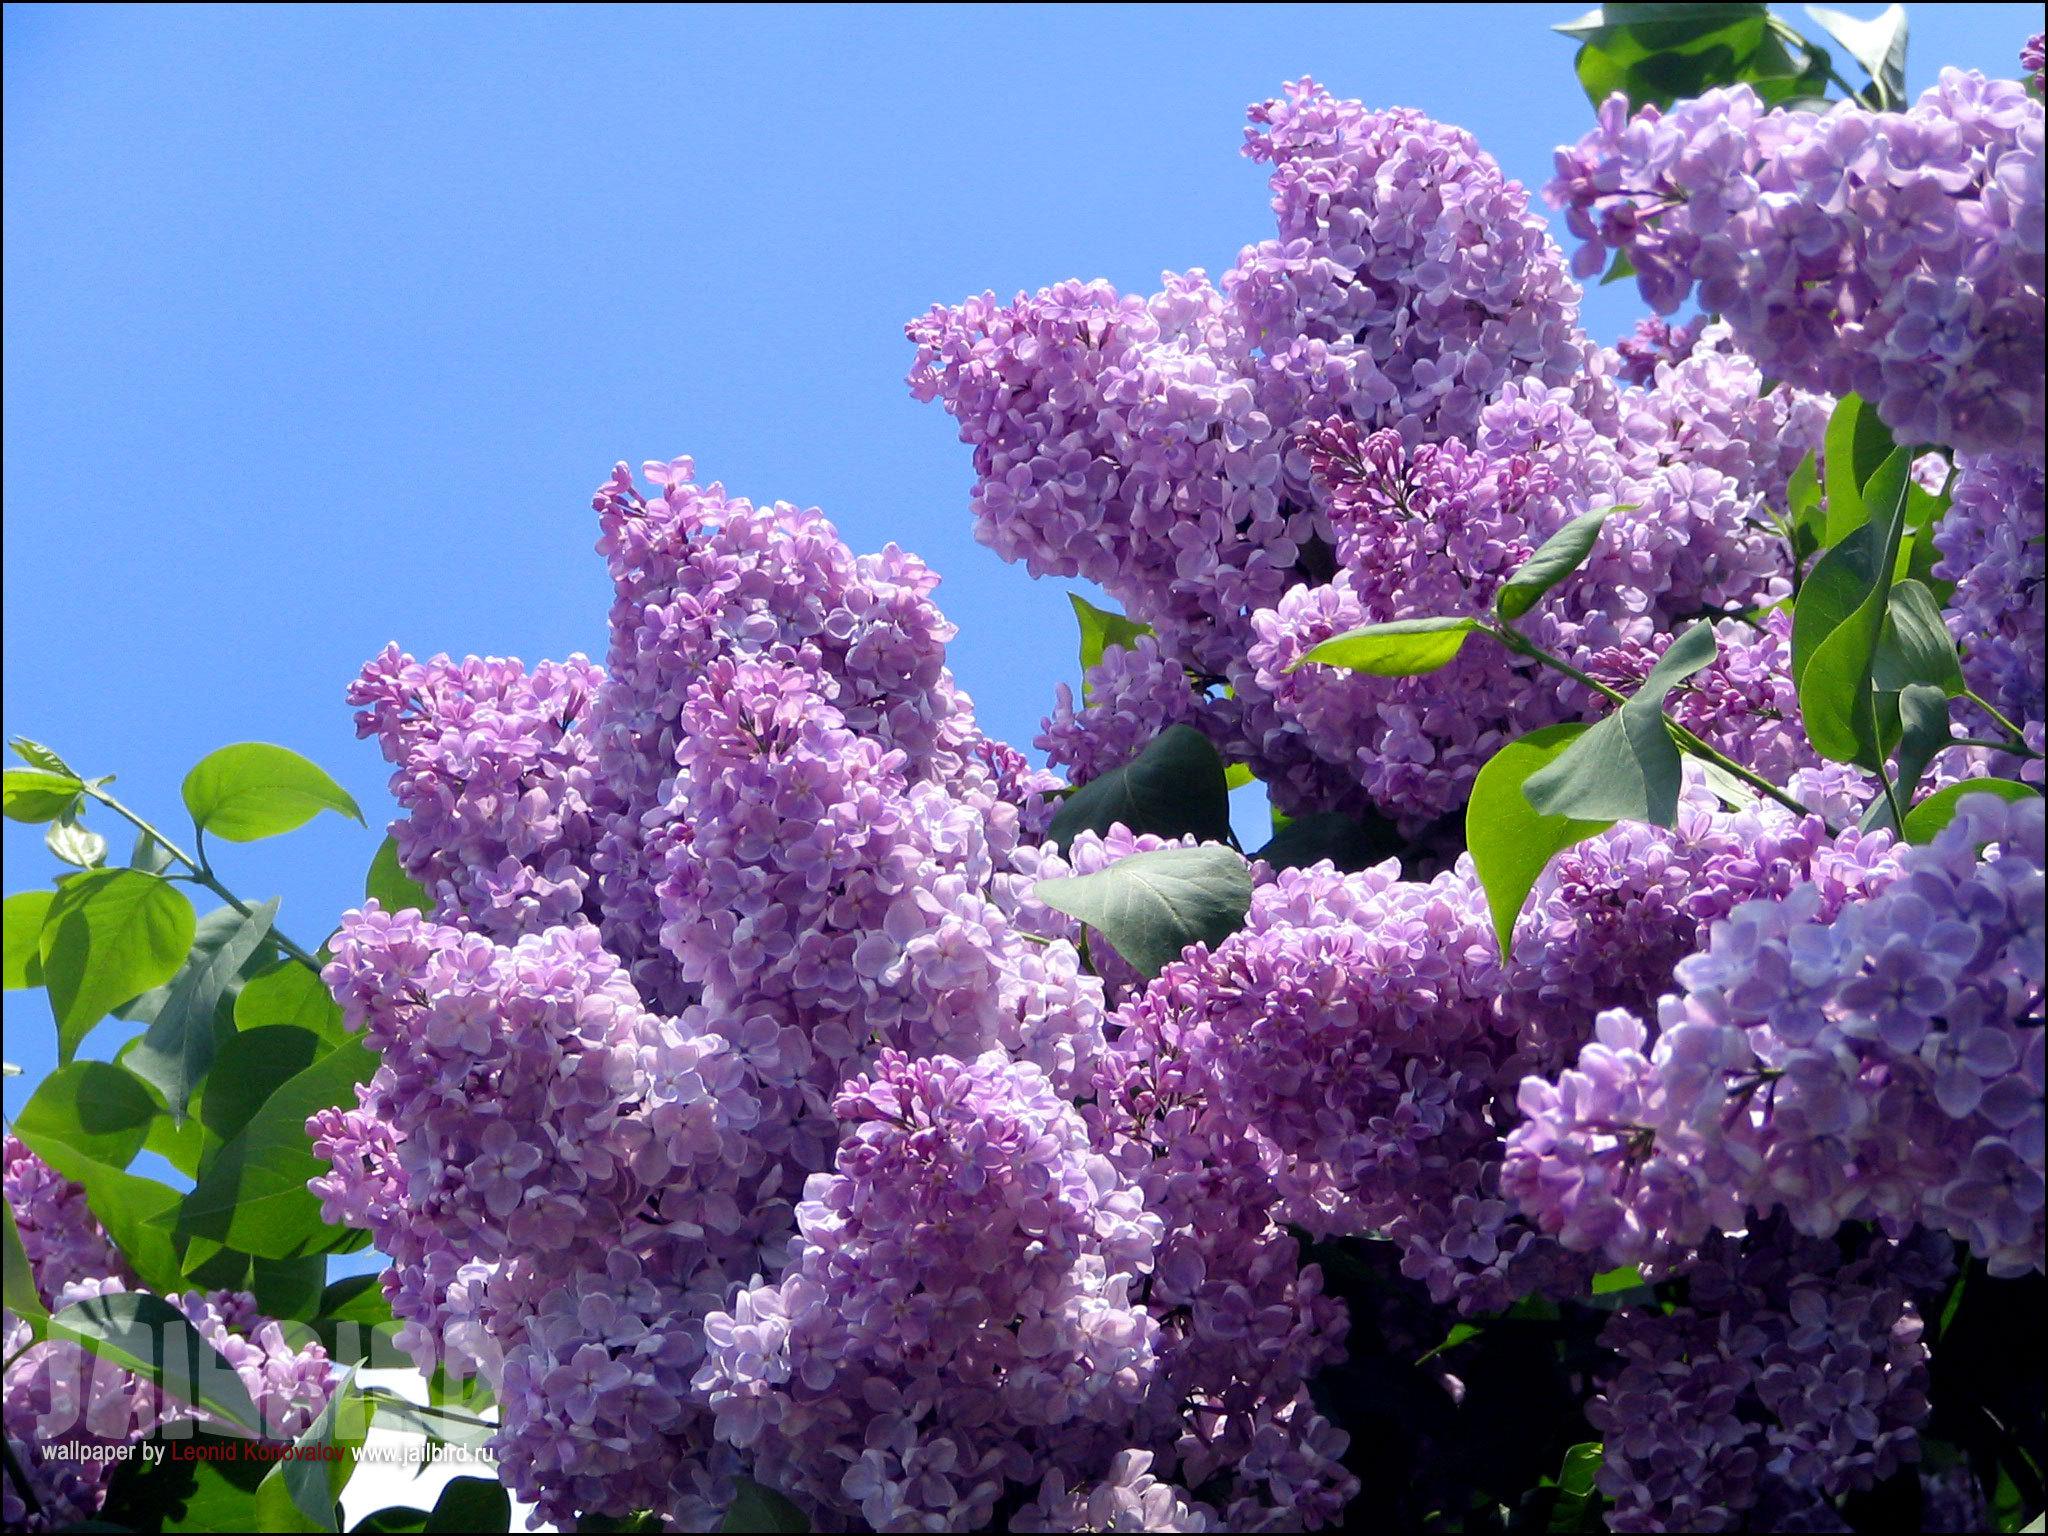 17414 Salvapantallas y fondos de pantalla Plantas en tu teléfono. Descarga imágenes de Plantas, Flores, Lila, Violeta gratis